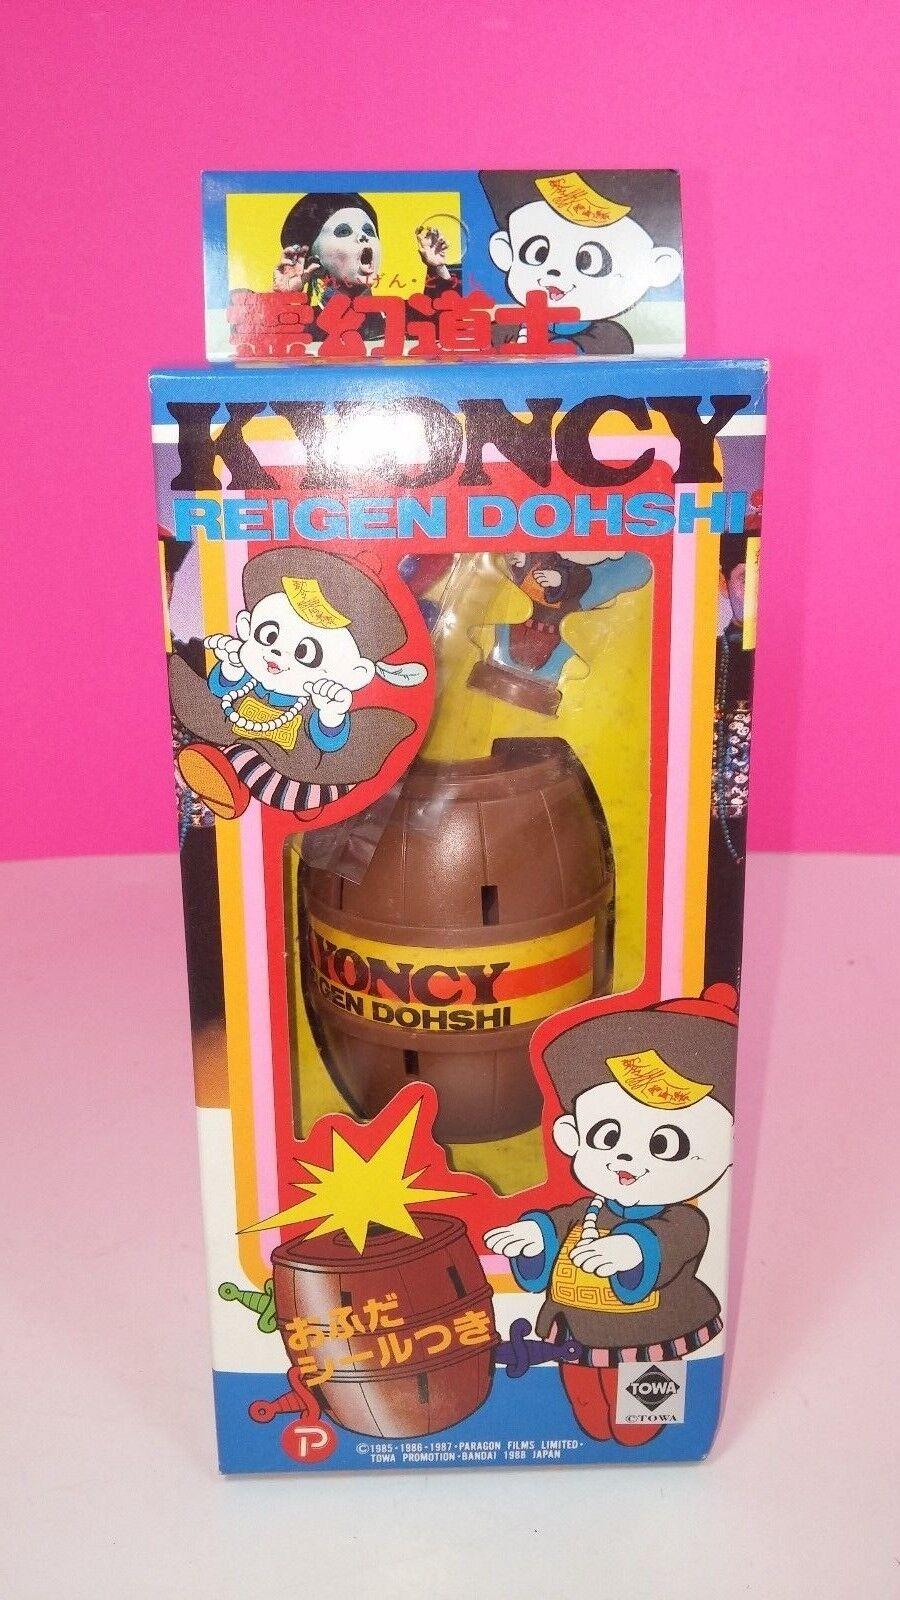 Japan 1988 Kyoncy Reigen Doshi Plastic Action Figure Game Set Set Set ST Barrel Game 06e19a